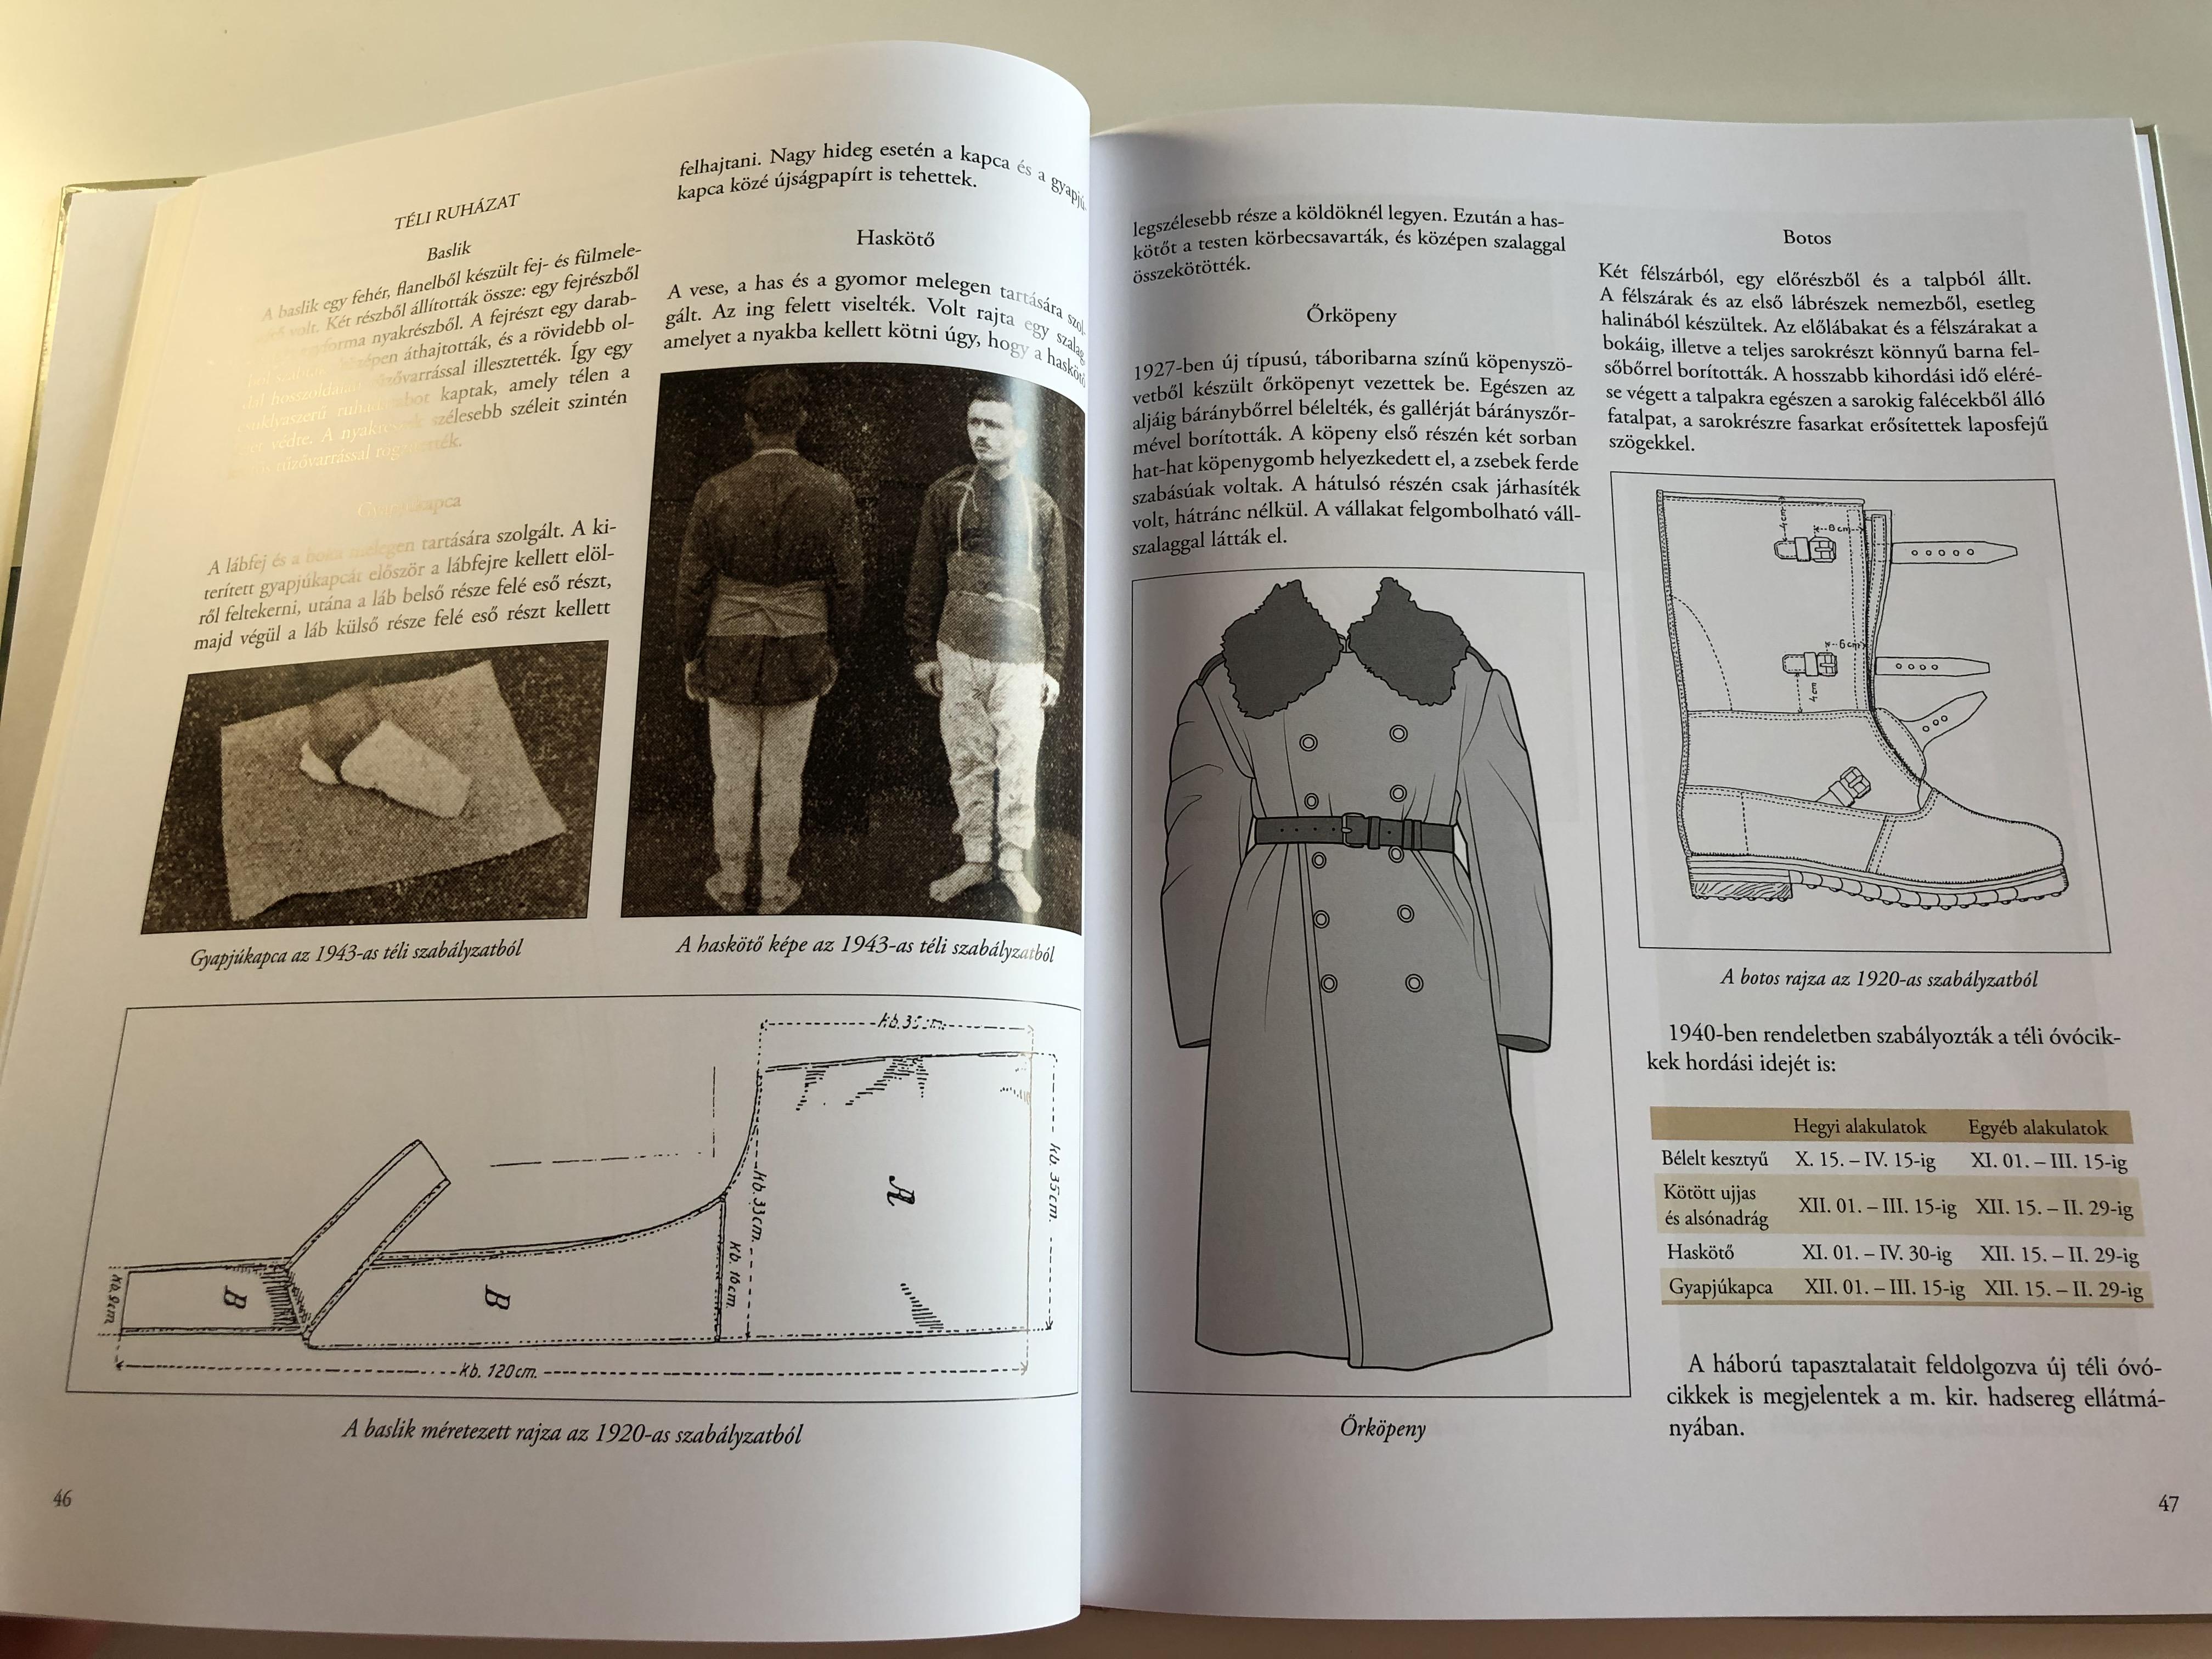 1920-1945-magyar-gyalogos-katon-inak-lt-zete-felszerel-se-s-fegyverzete-by-udovecz-gy-rgy-6.jpg